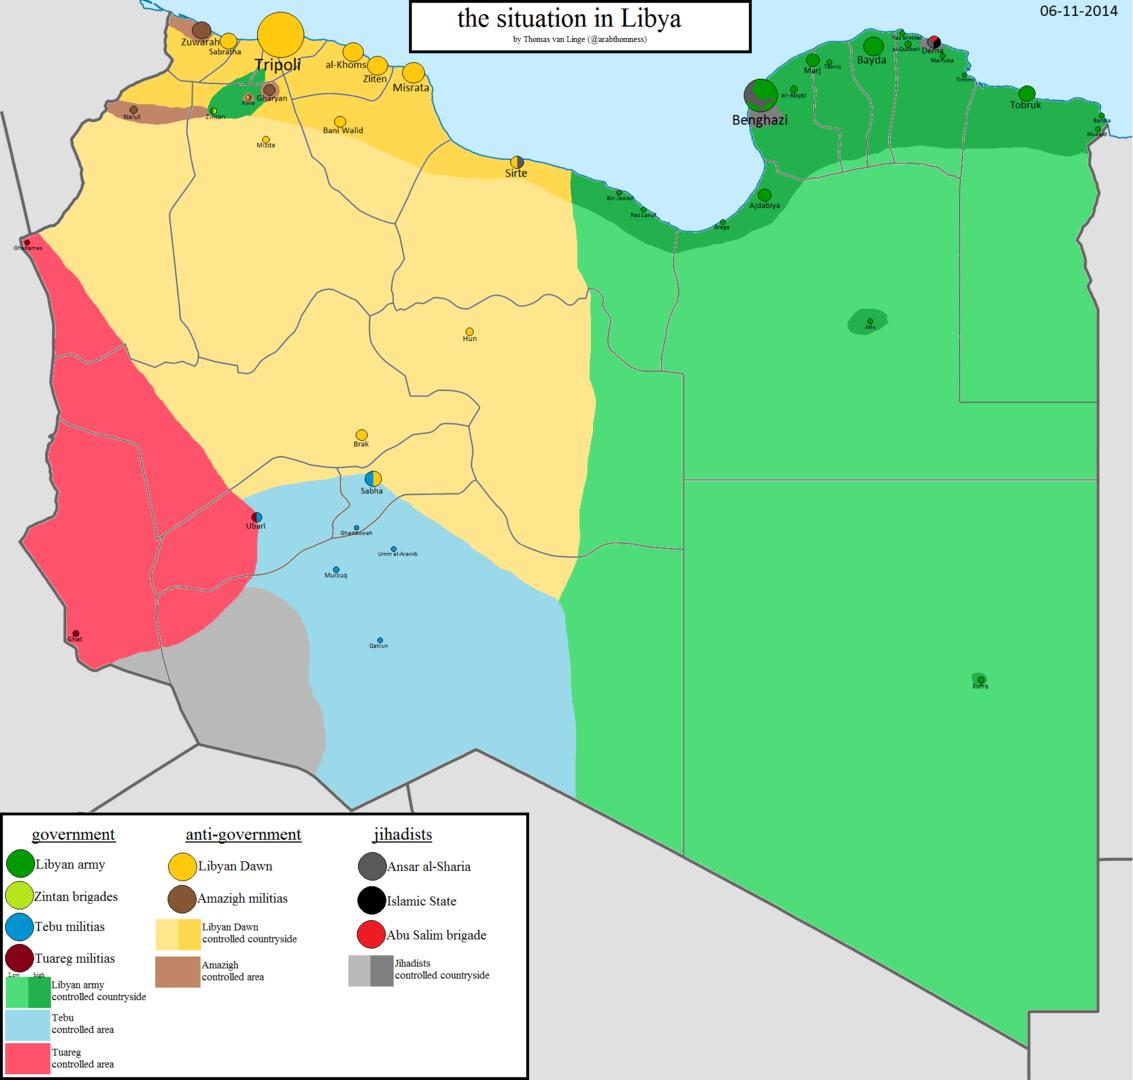 La situation géopolitique en Libie d'apres bloggeur Thomas van Linge @arabthomness